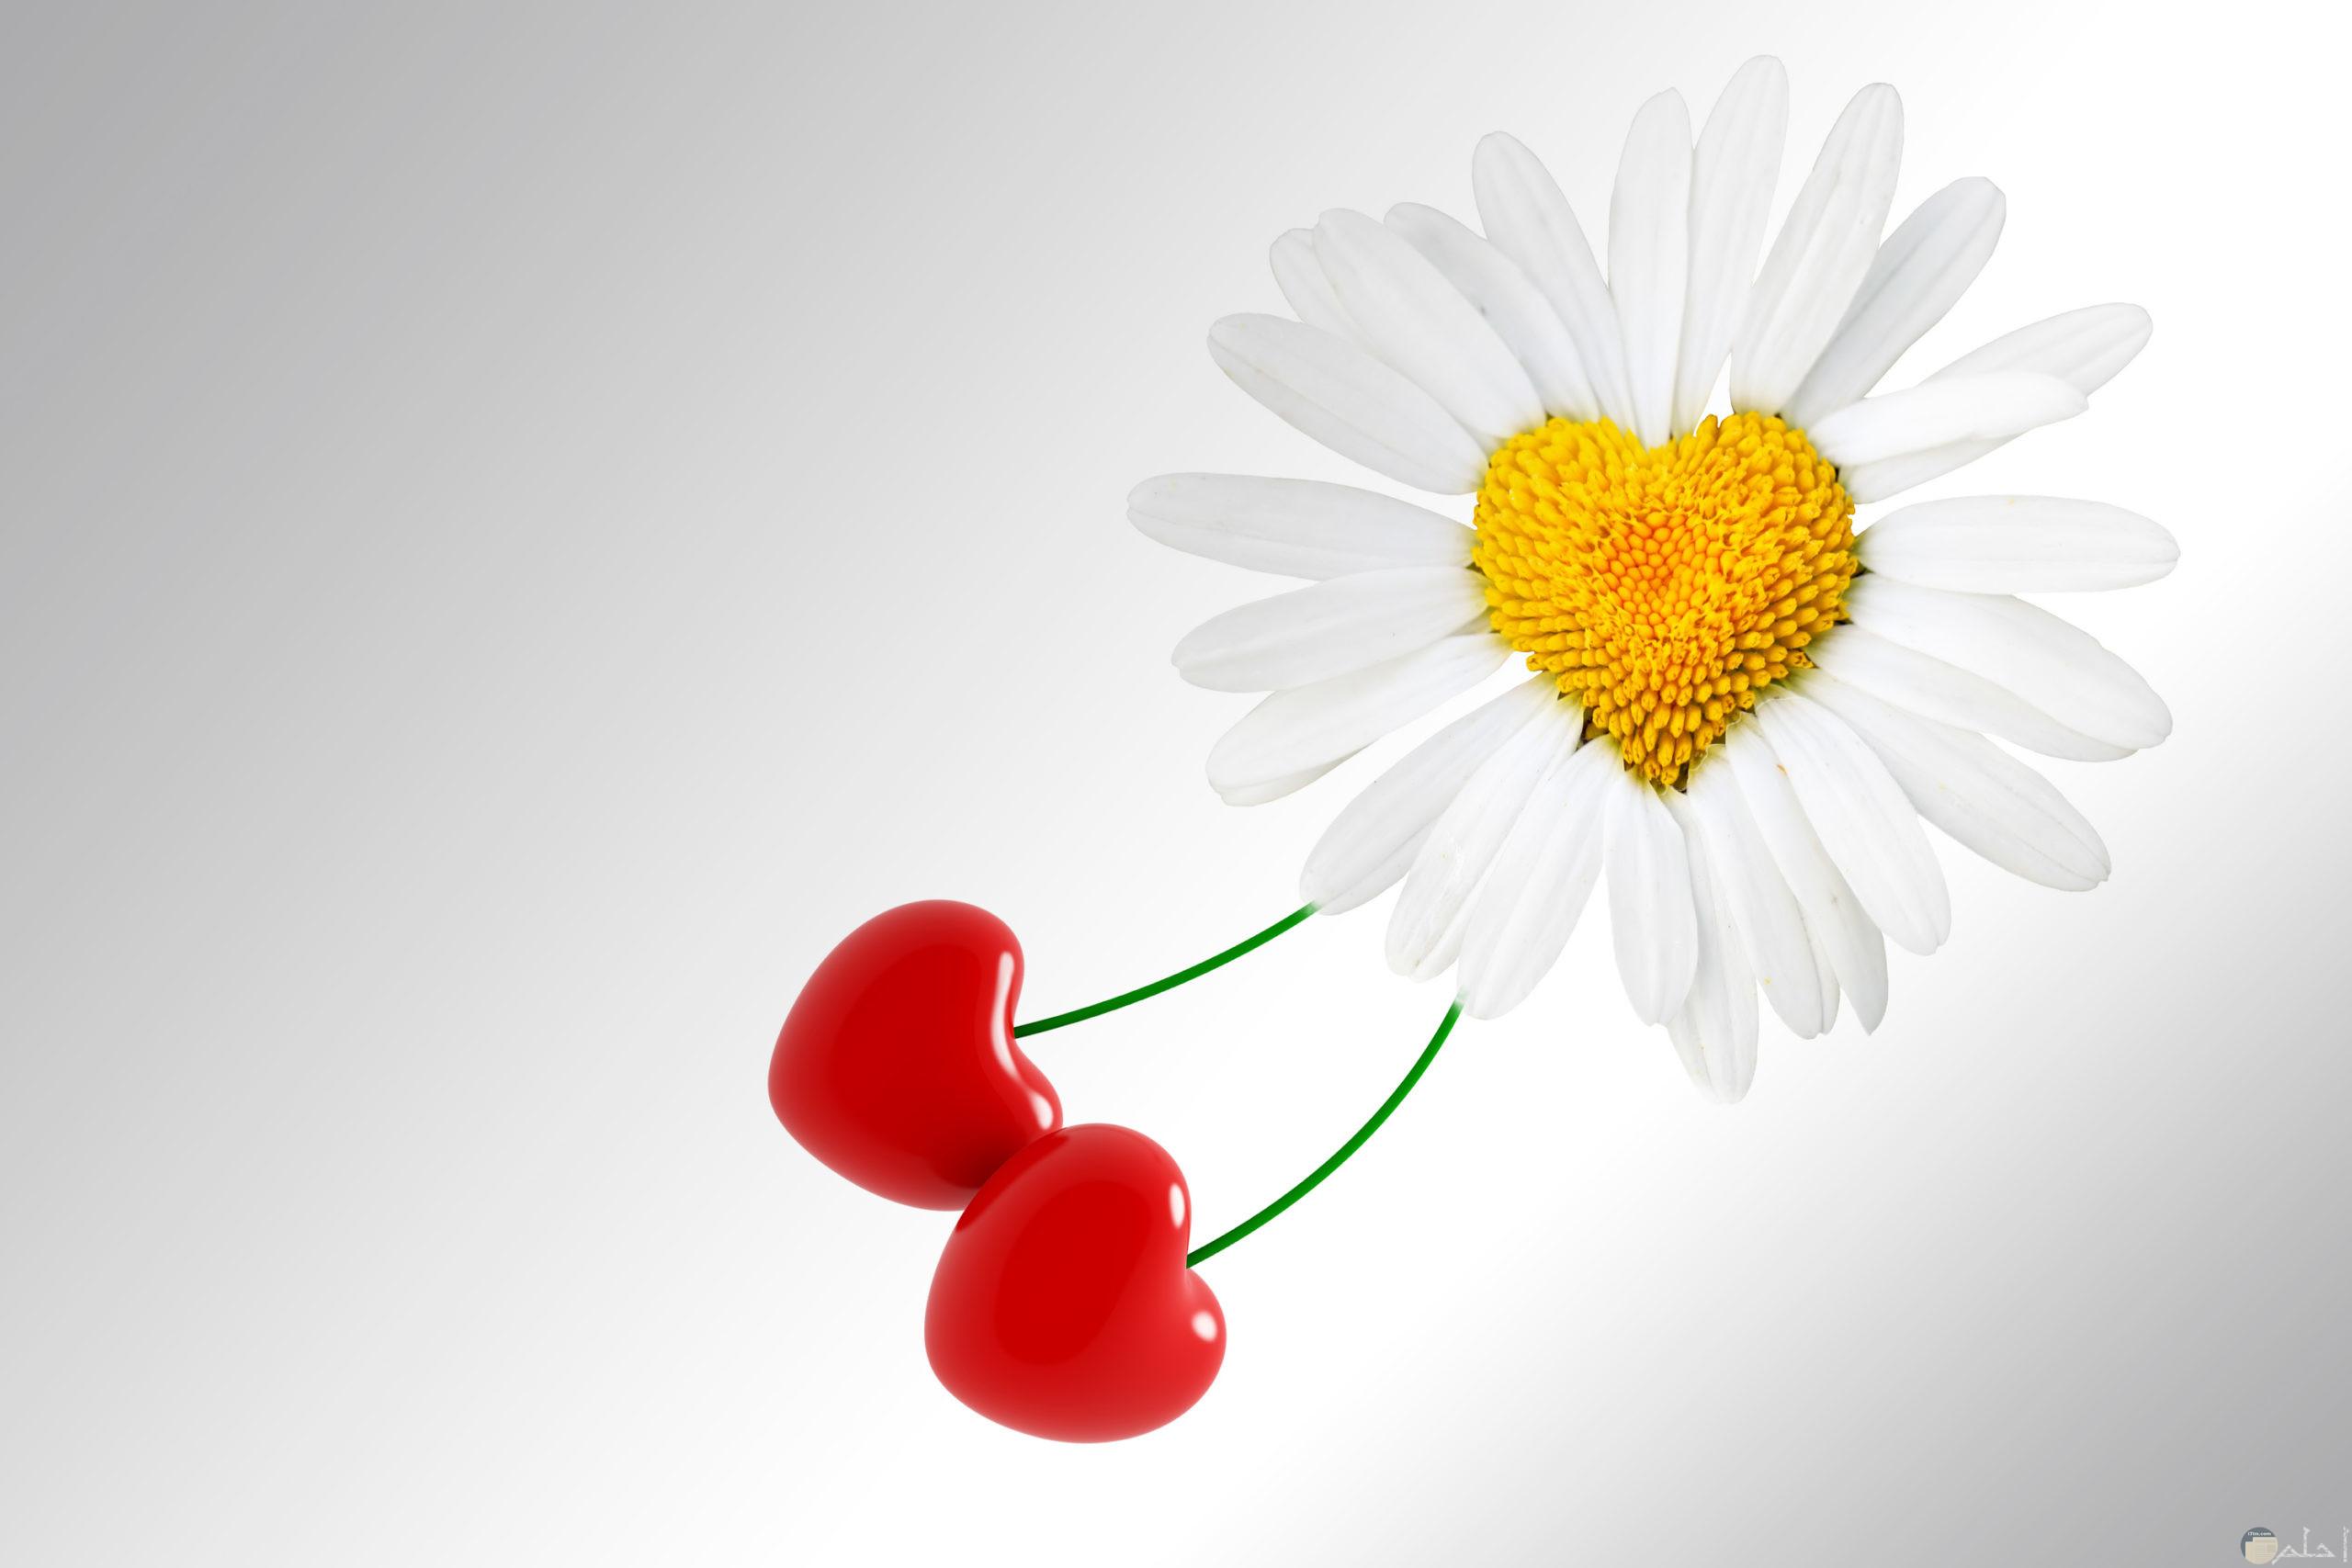 زهرة بيضاء رقيقة يخرج منها قلبين صغيرين.